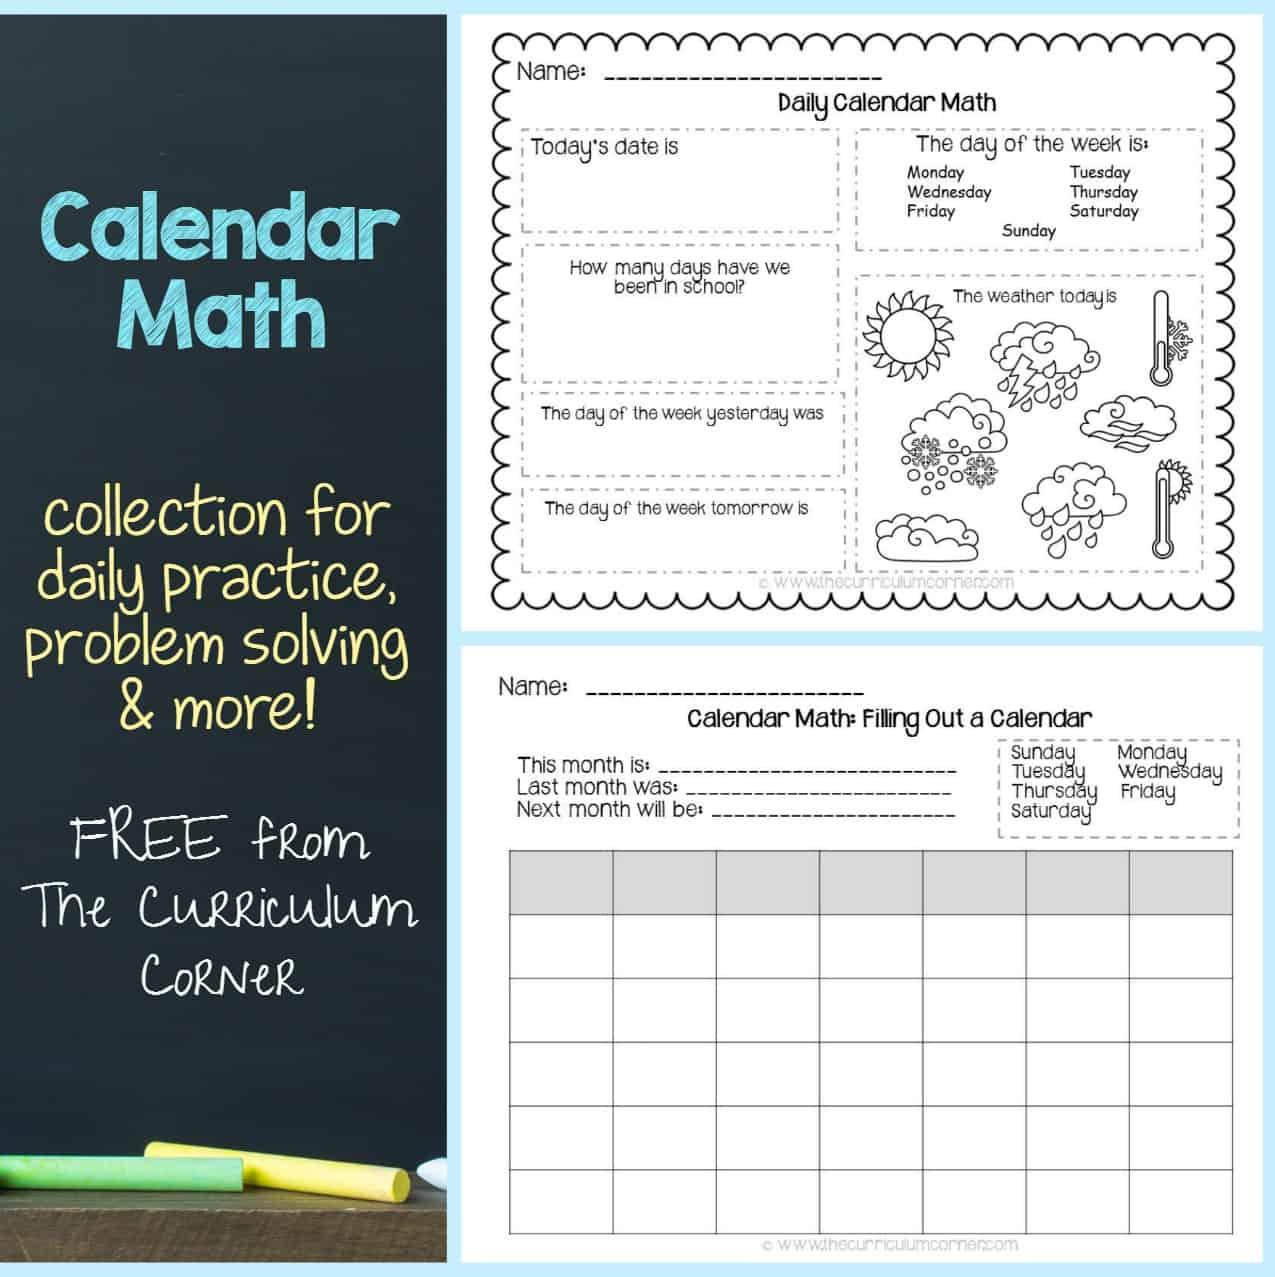 Calendar Math Collection